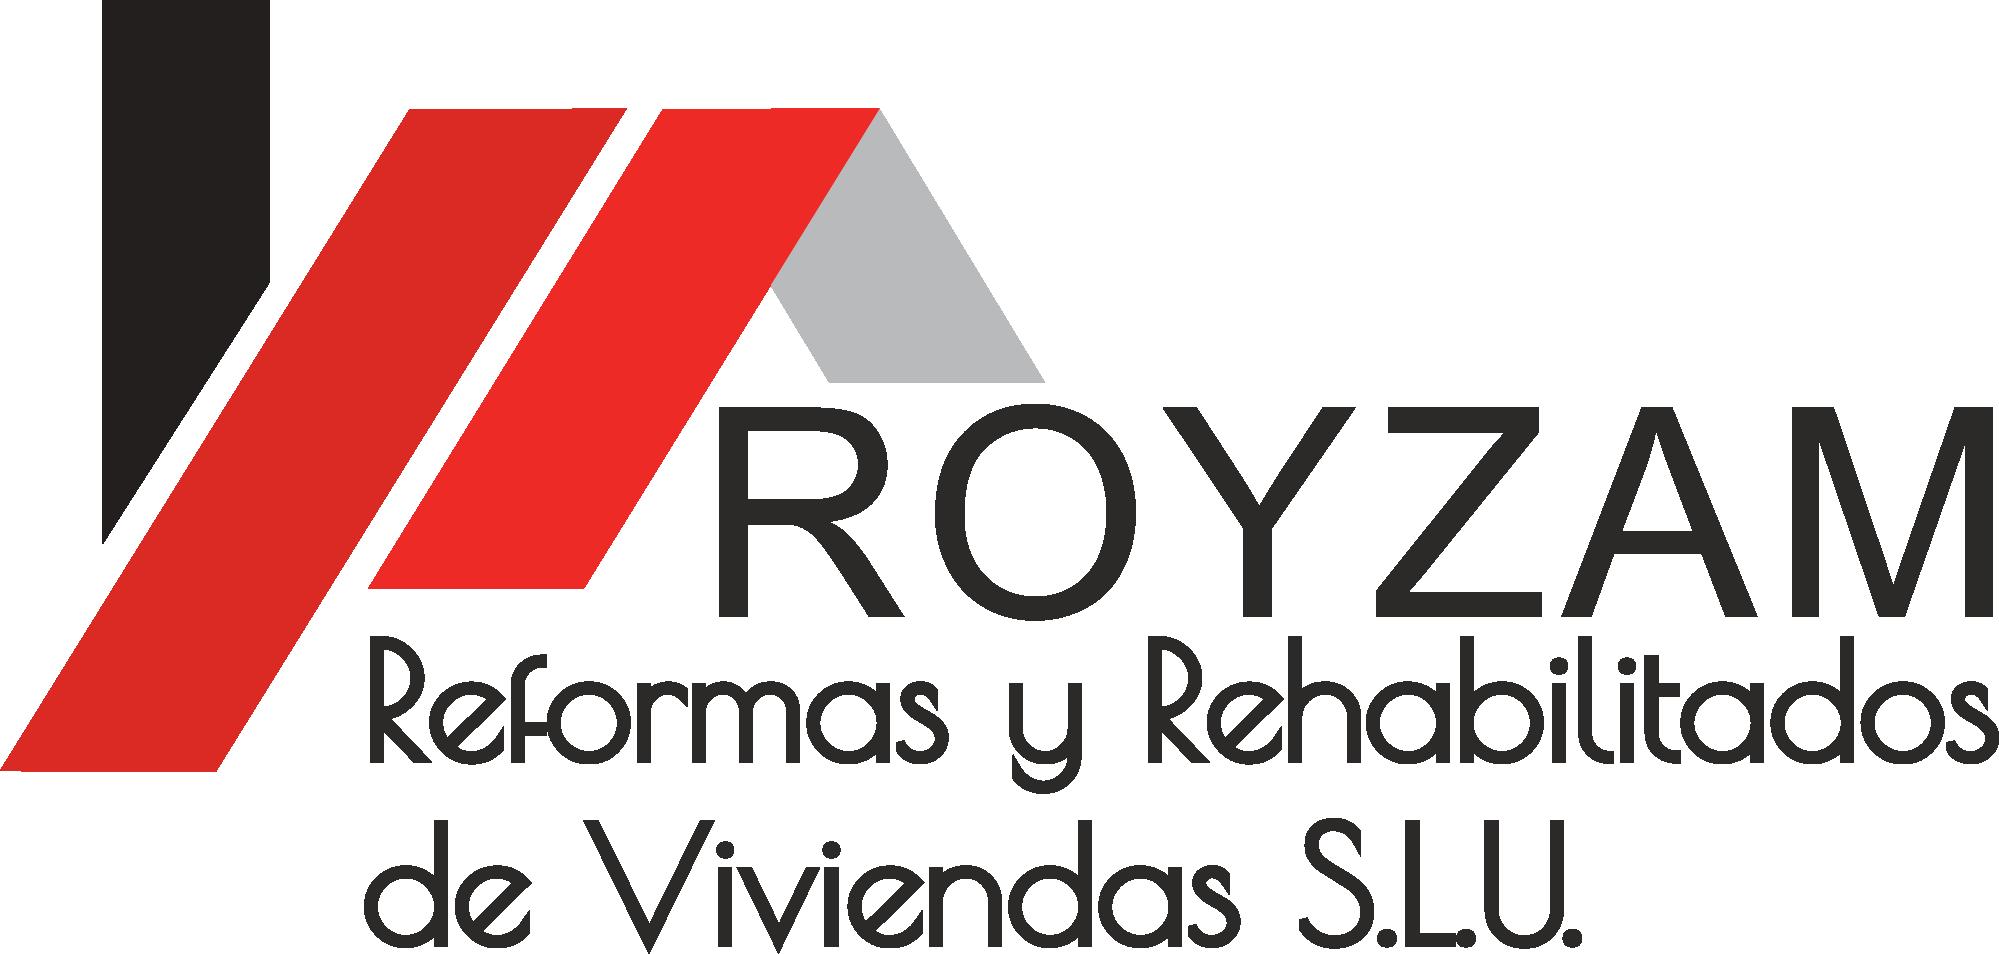 REFORMAS ROYZAM